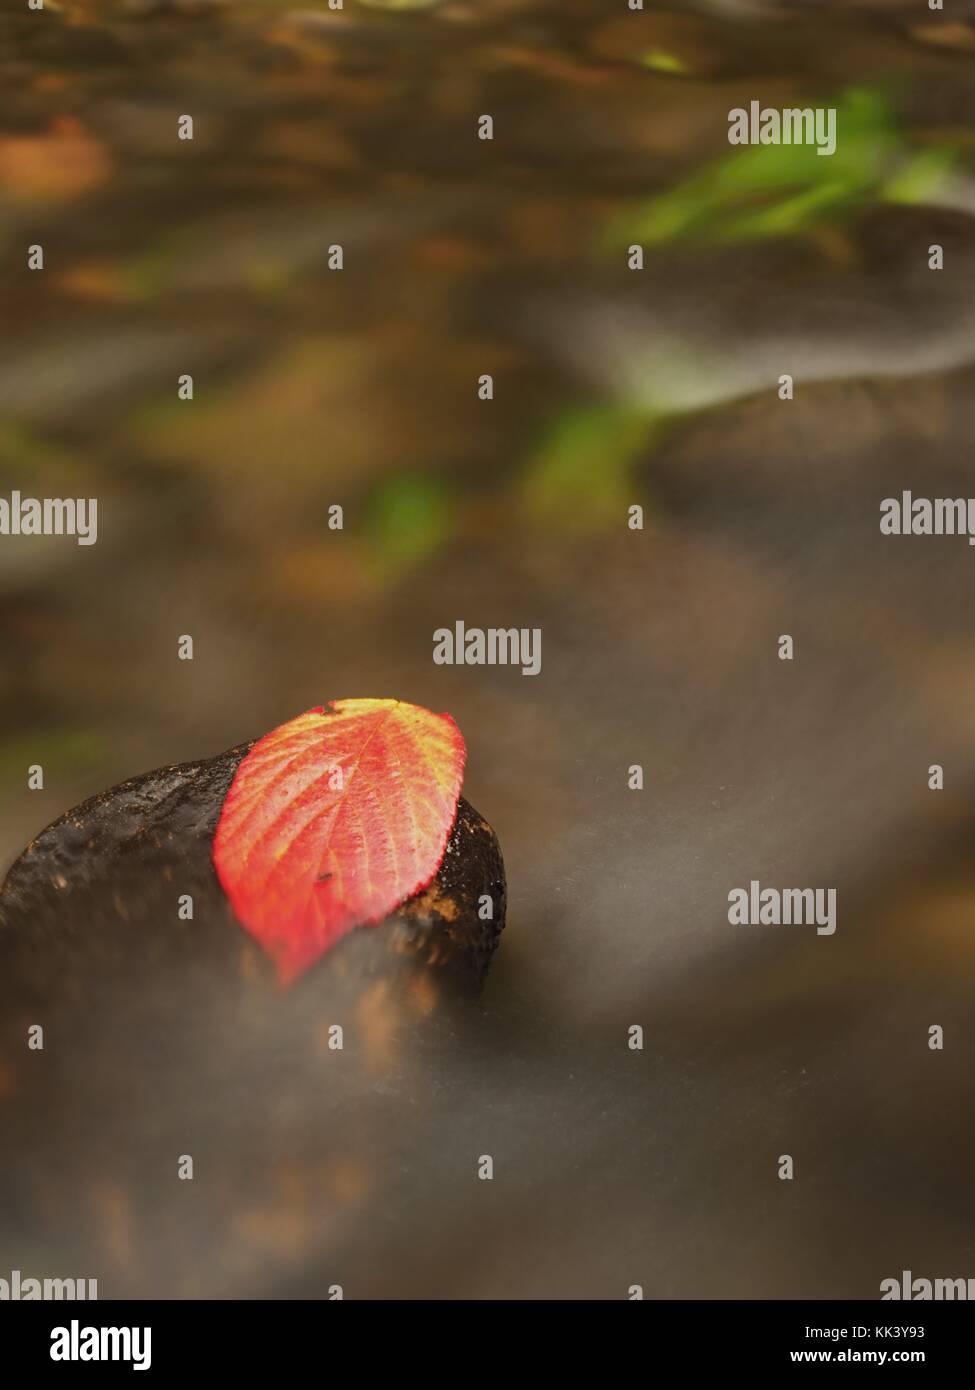 Hoja de frambuesa espinoso atrapados en la piedra mojada. Una deja atrapada en medio de un arroyo de montaña. Imagen De Stock